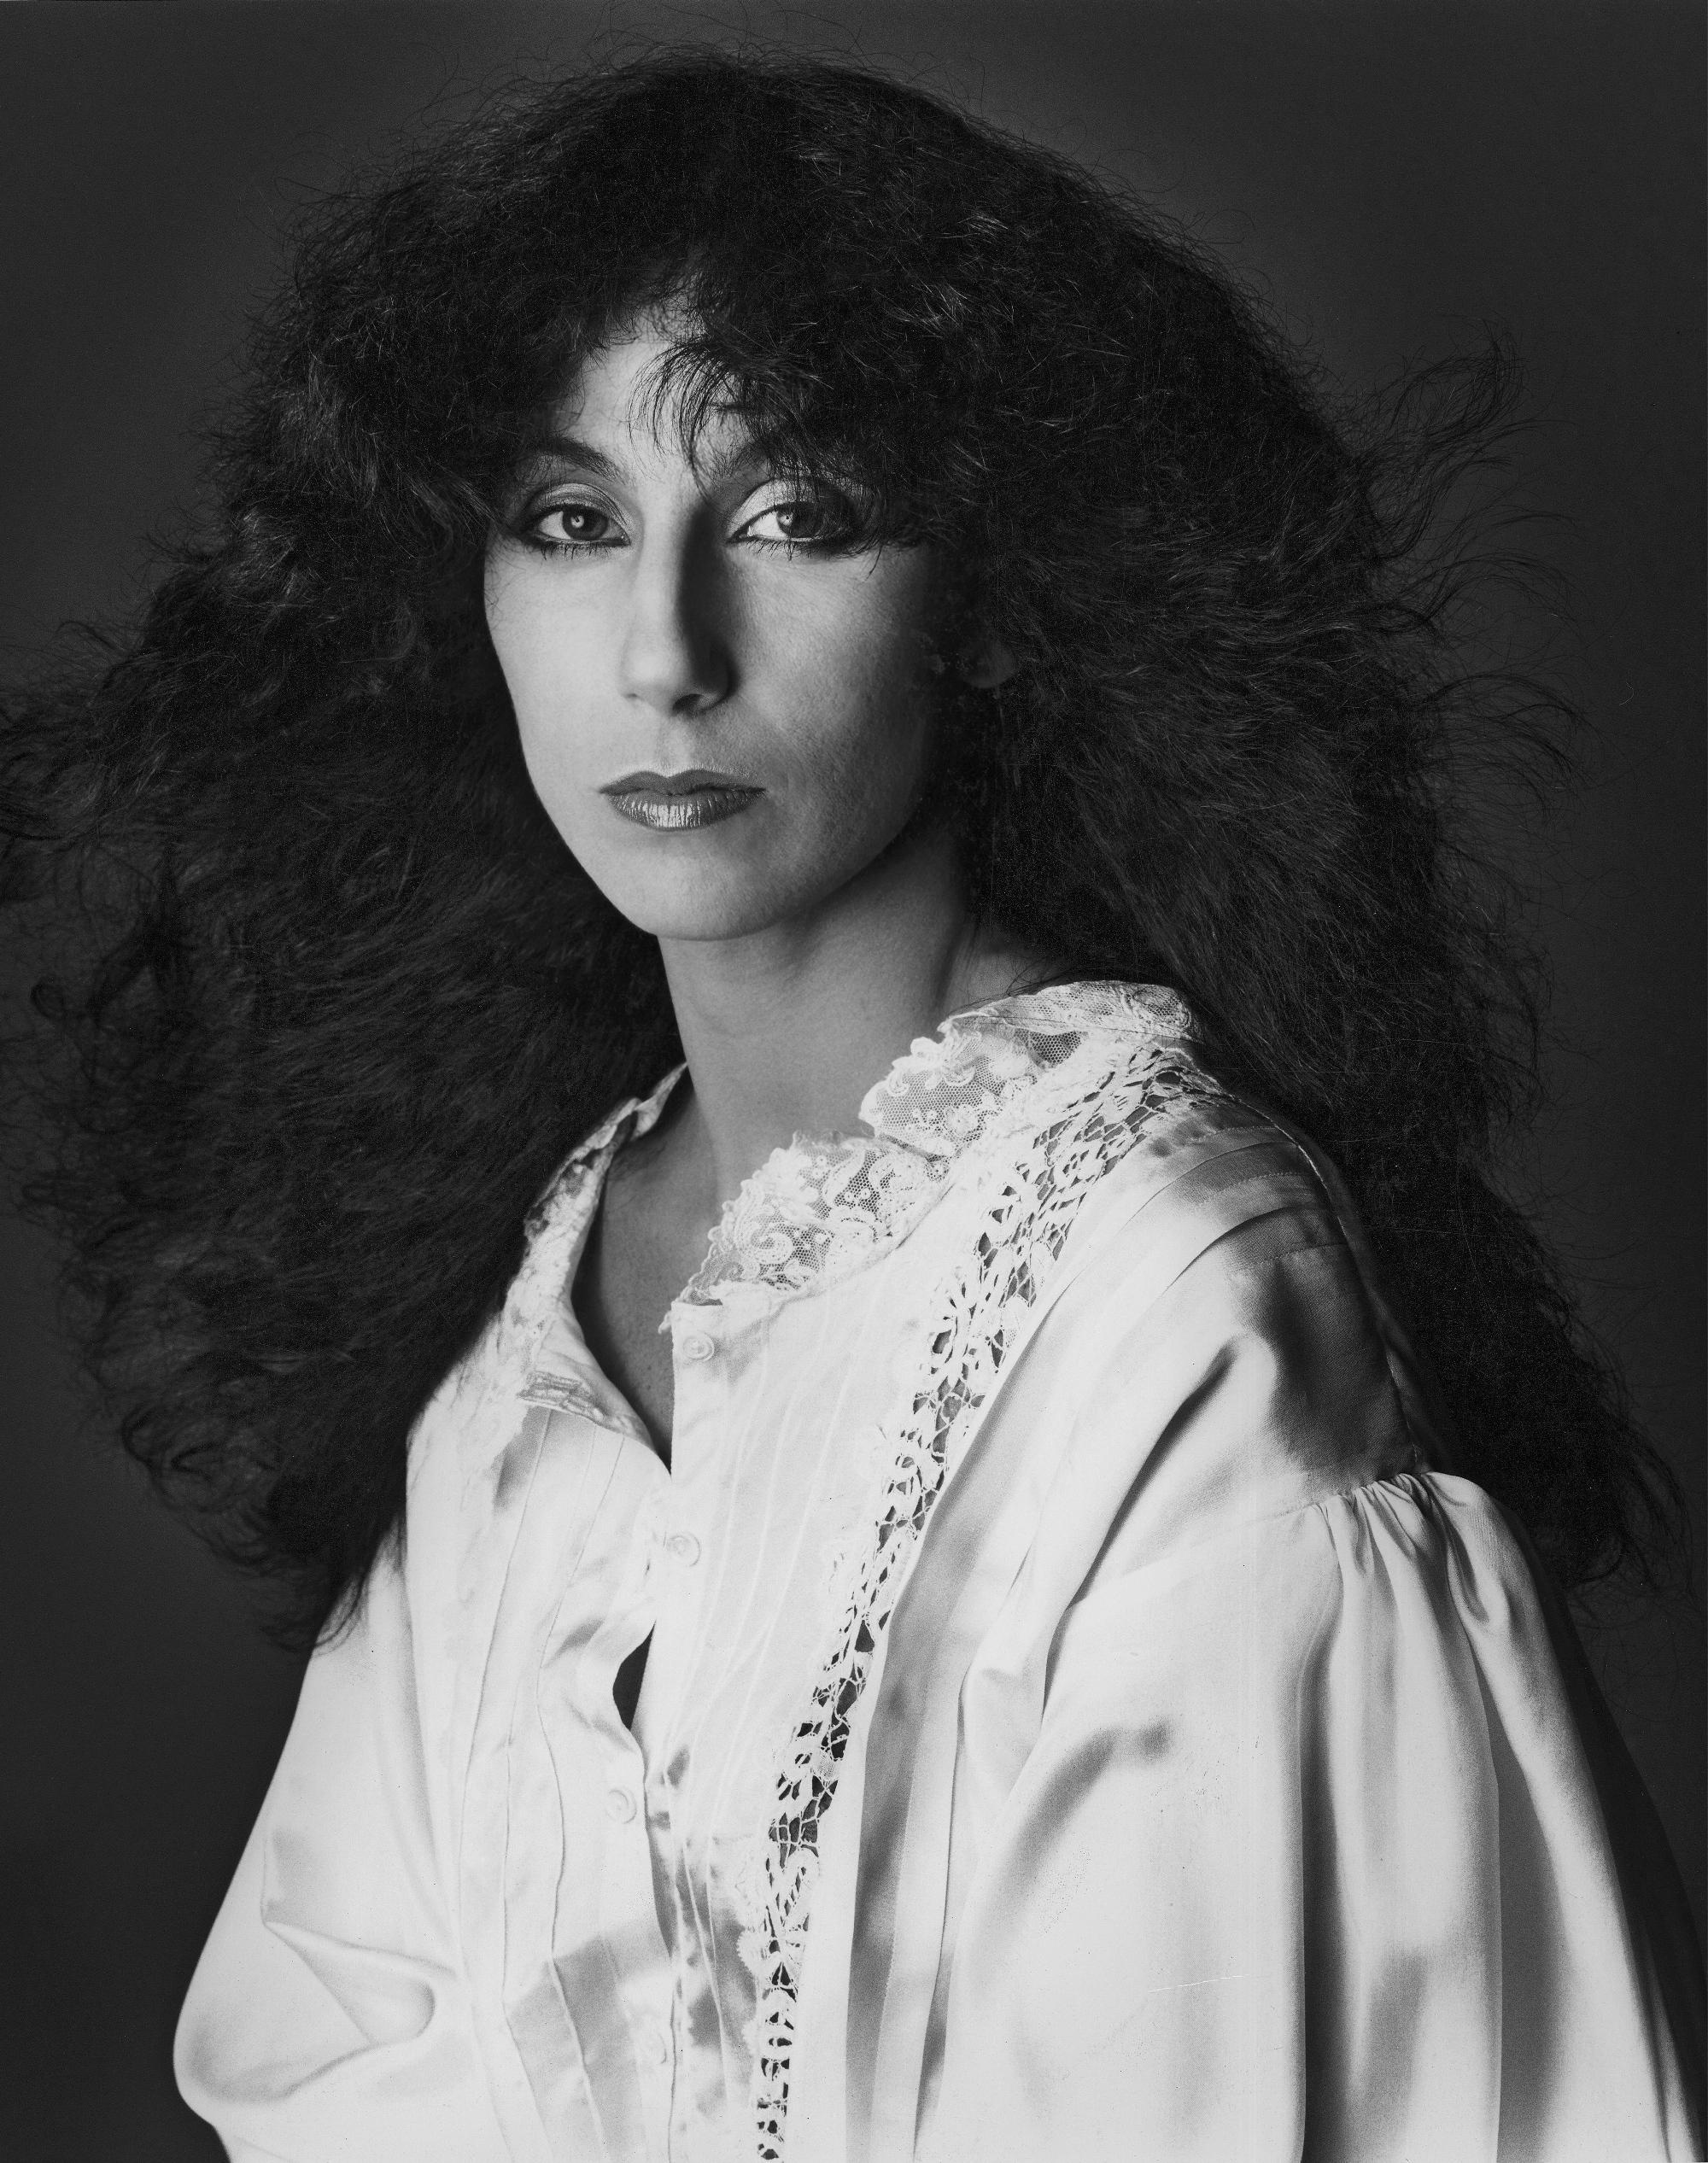 Cher nascida Cherilyn Sarkisian El Centro 20 de maio de 1946 é uma cantora e atriz norteamericana Com mais de cinco décadas de carreira ela foi creditada